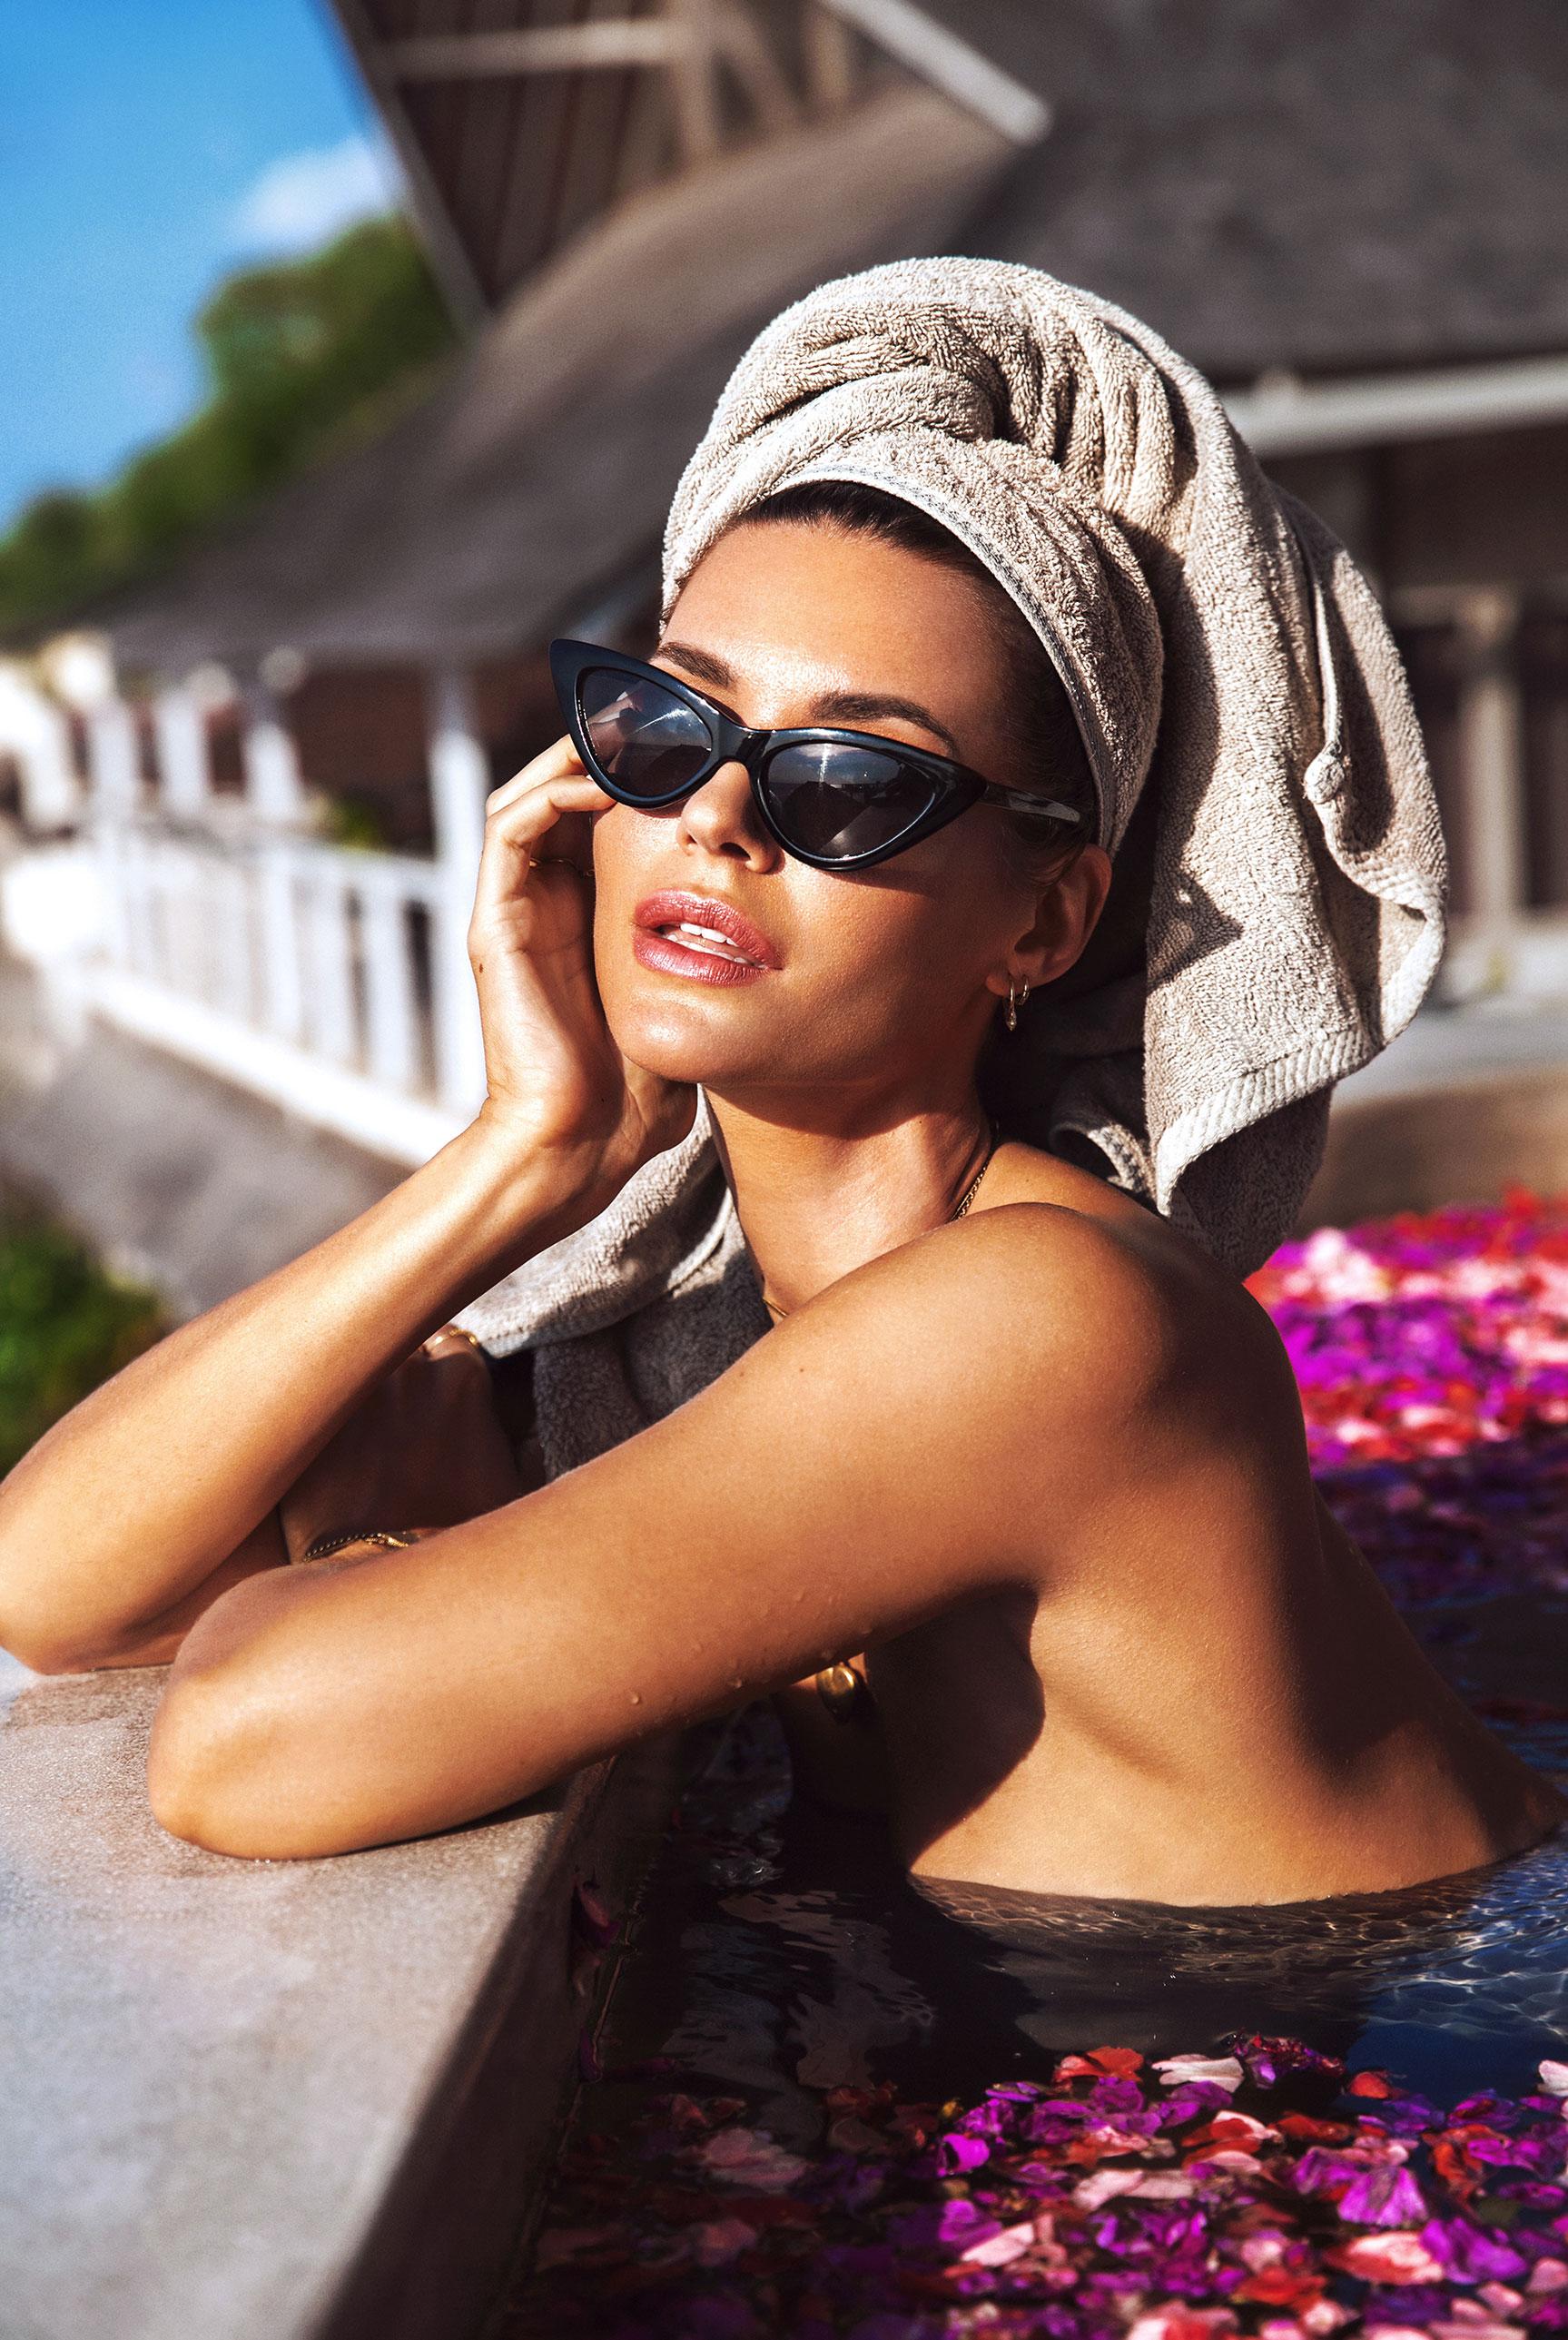 Сексуальная голая девушка в бассейне, заполненном лепестками роз в отеле с шикарным видом на острове Бали / фото 02